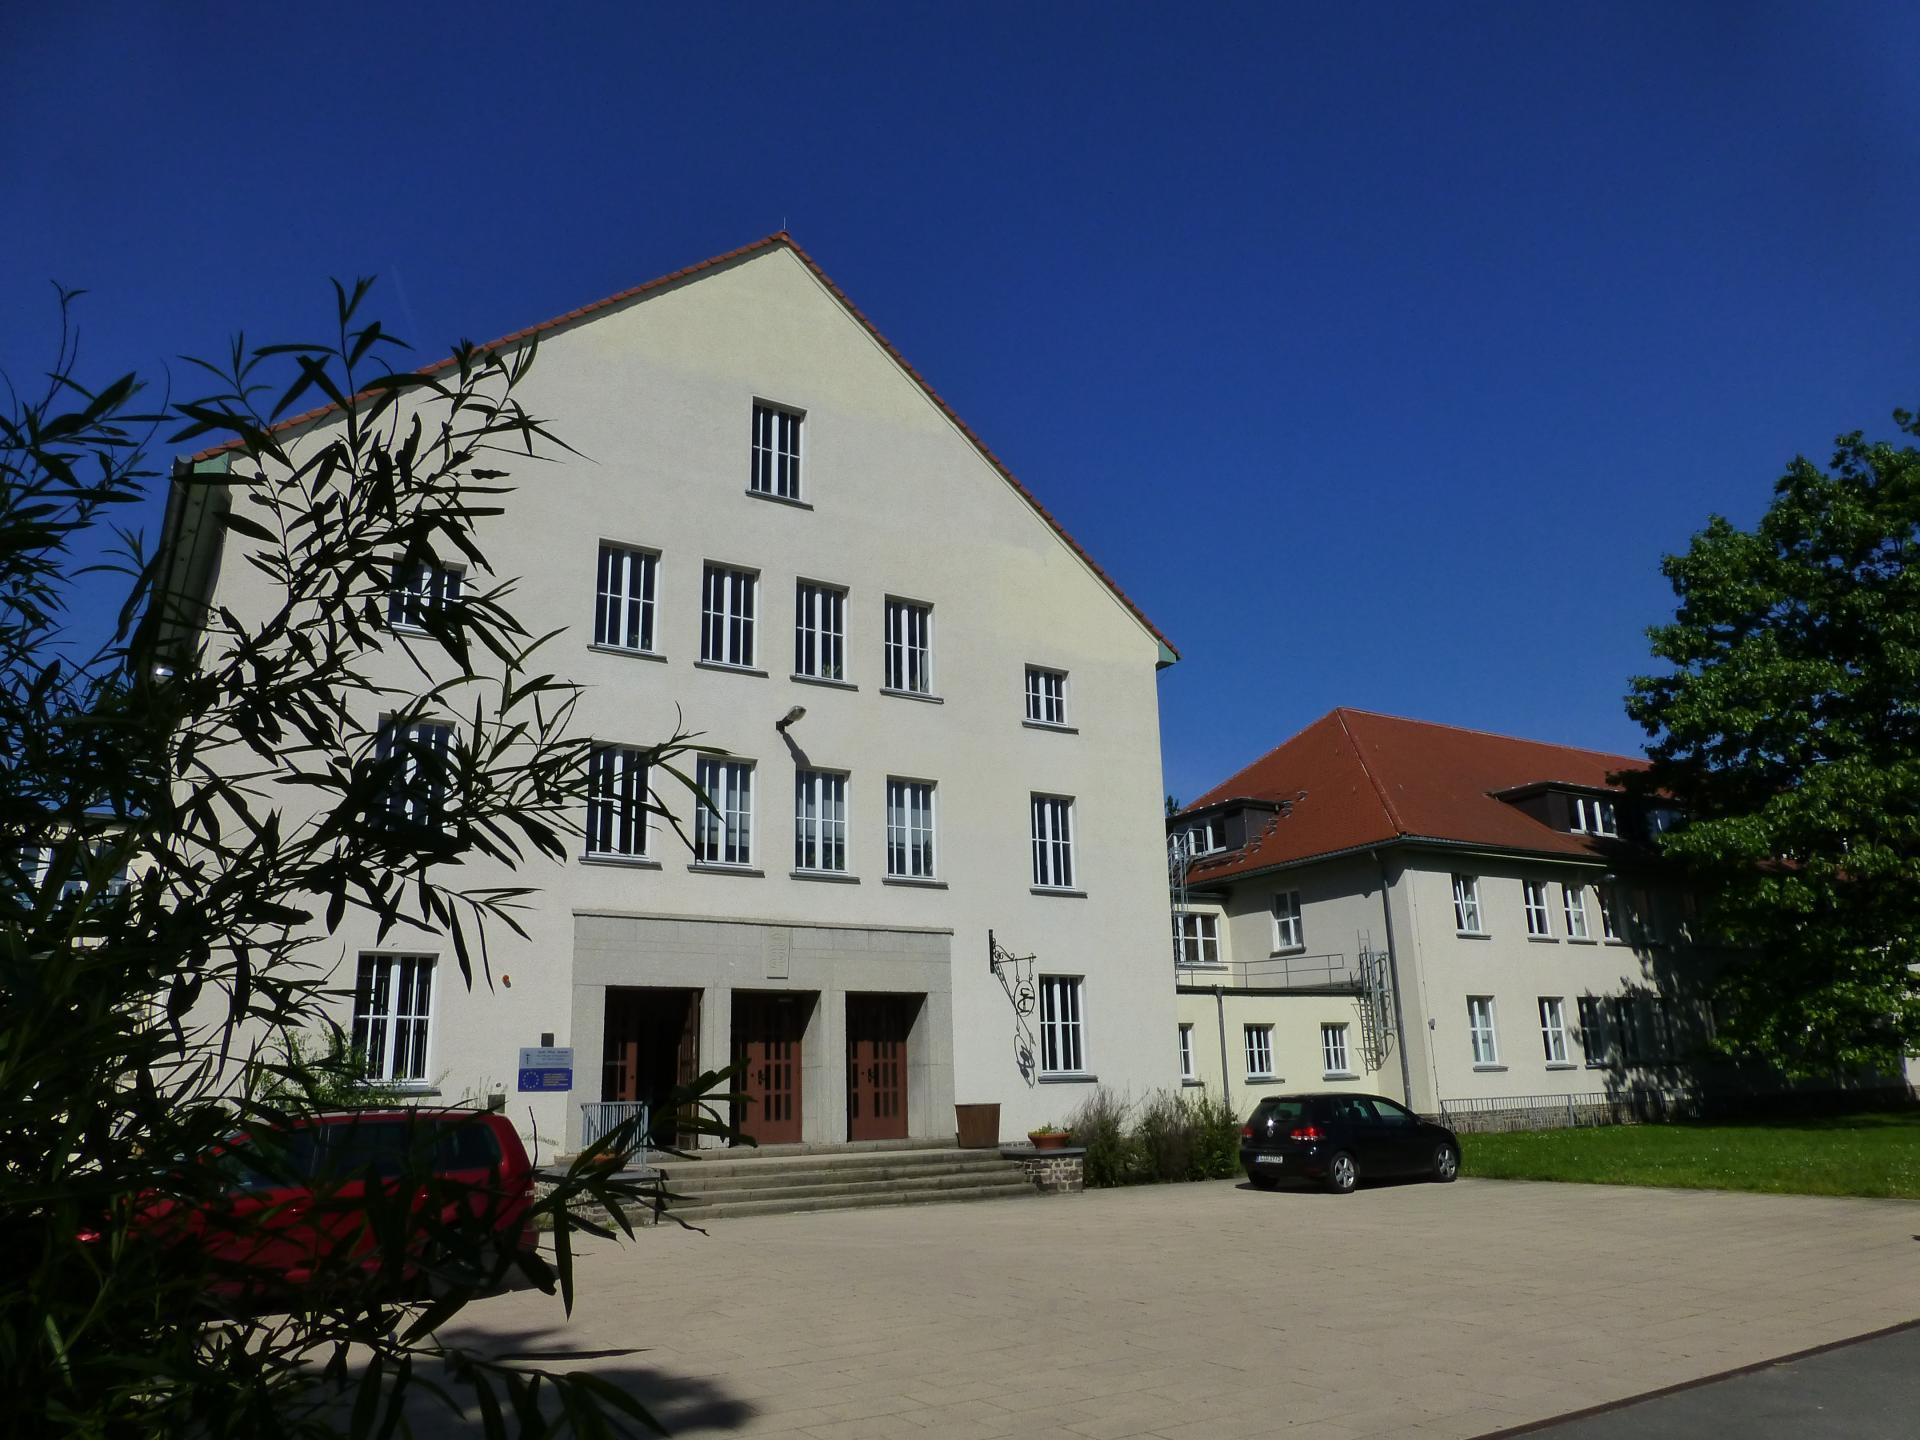 Berufsschule Ruth-Pfau-Schule Bildnachweis: SLTK